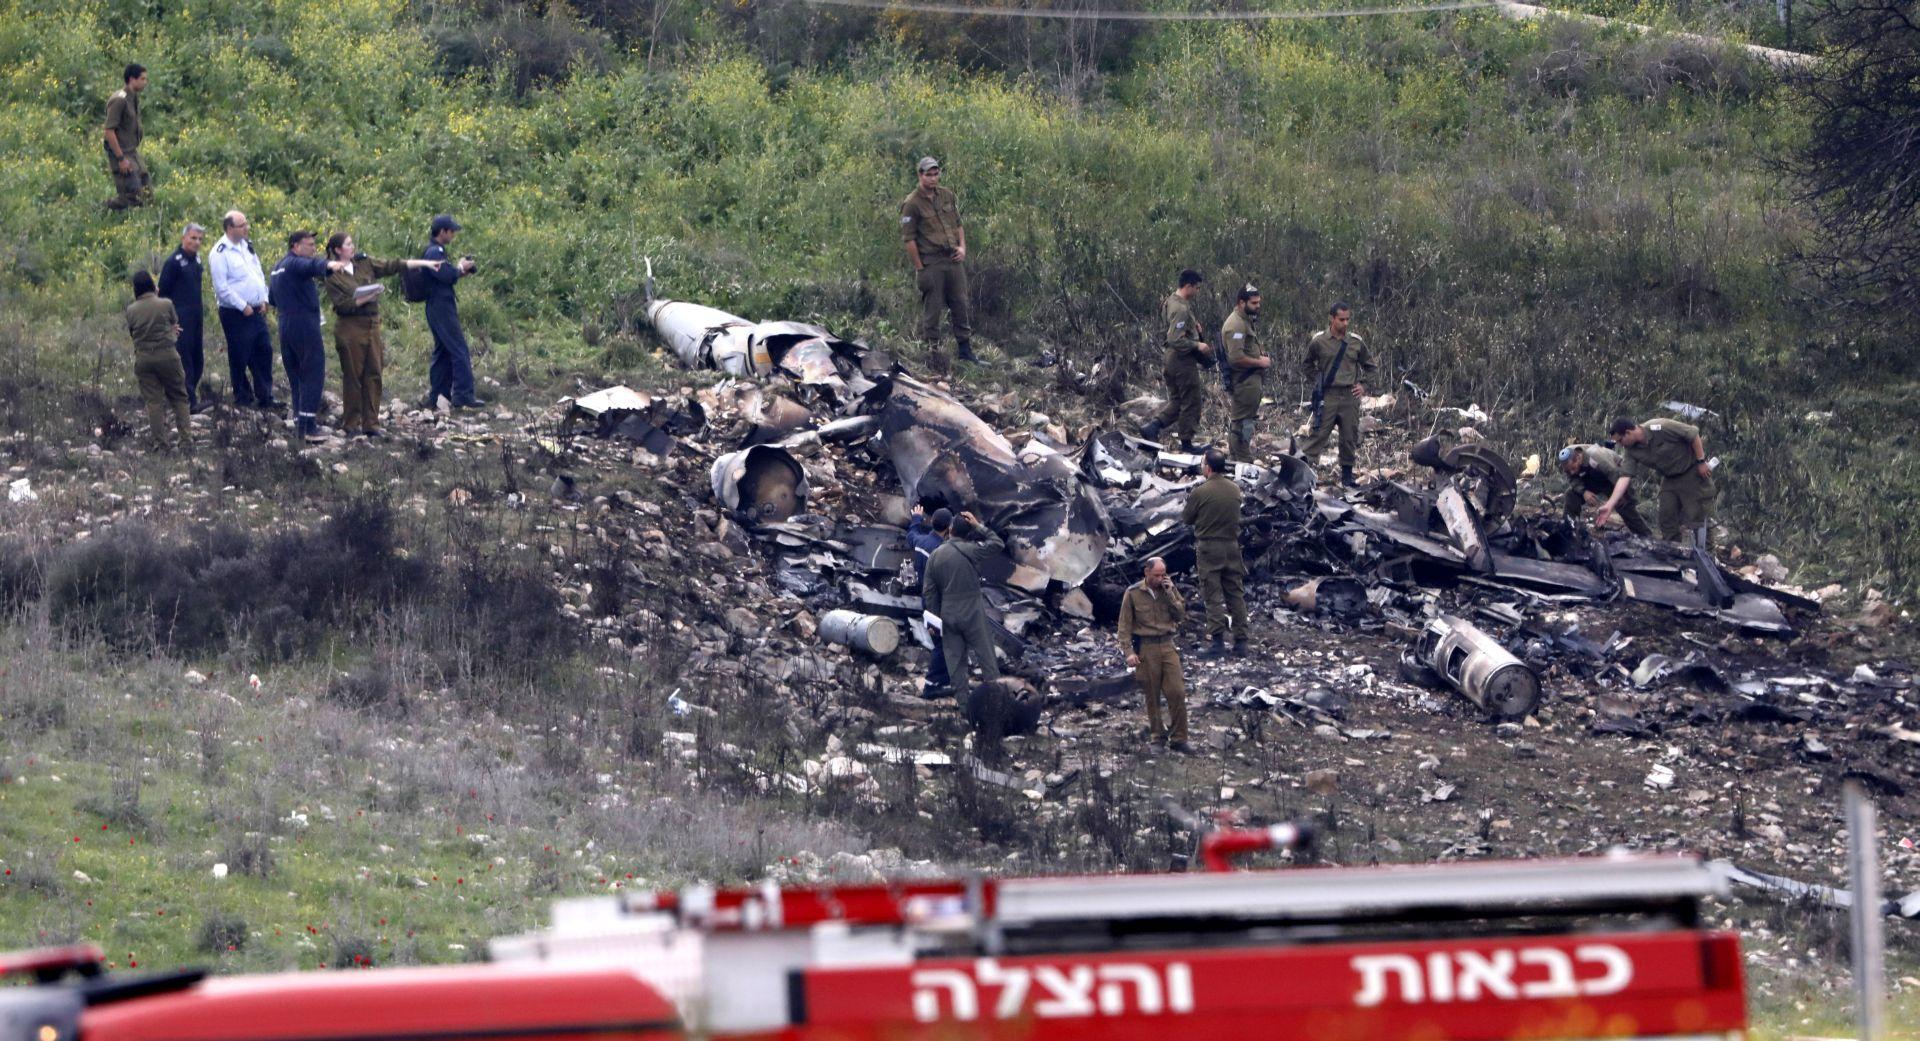 """EKSLACIJA NAKON RUŠENJA F-16 """"Sirijci i Iranci igraju se vatrom"""""""